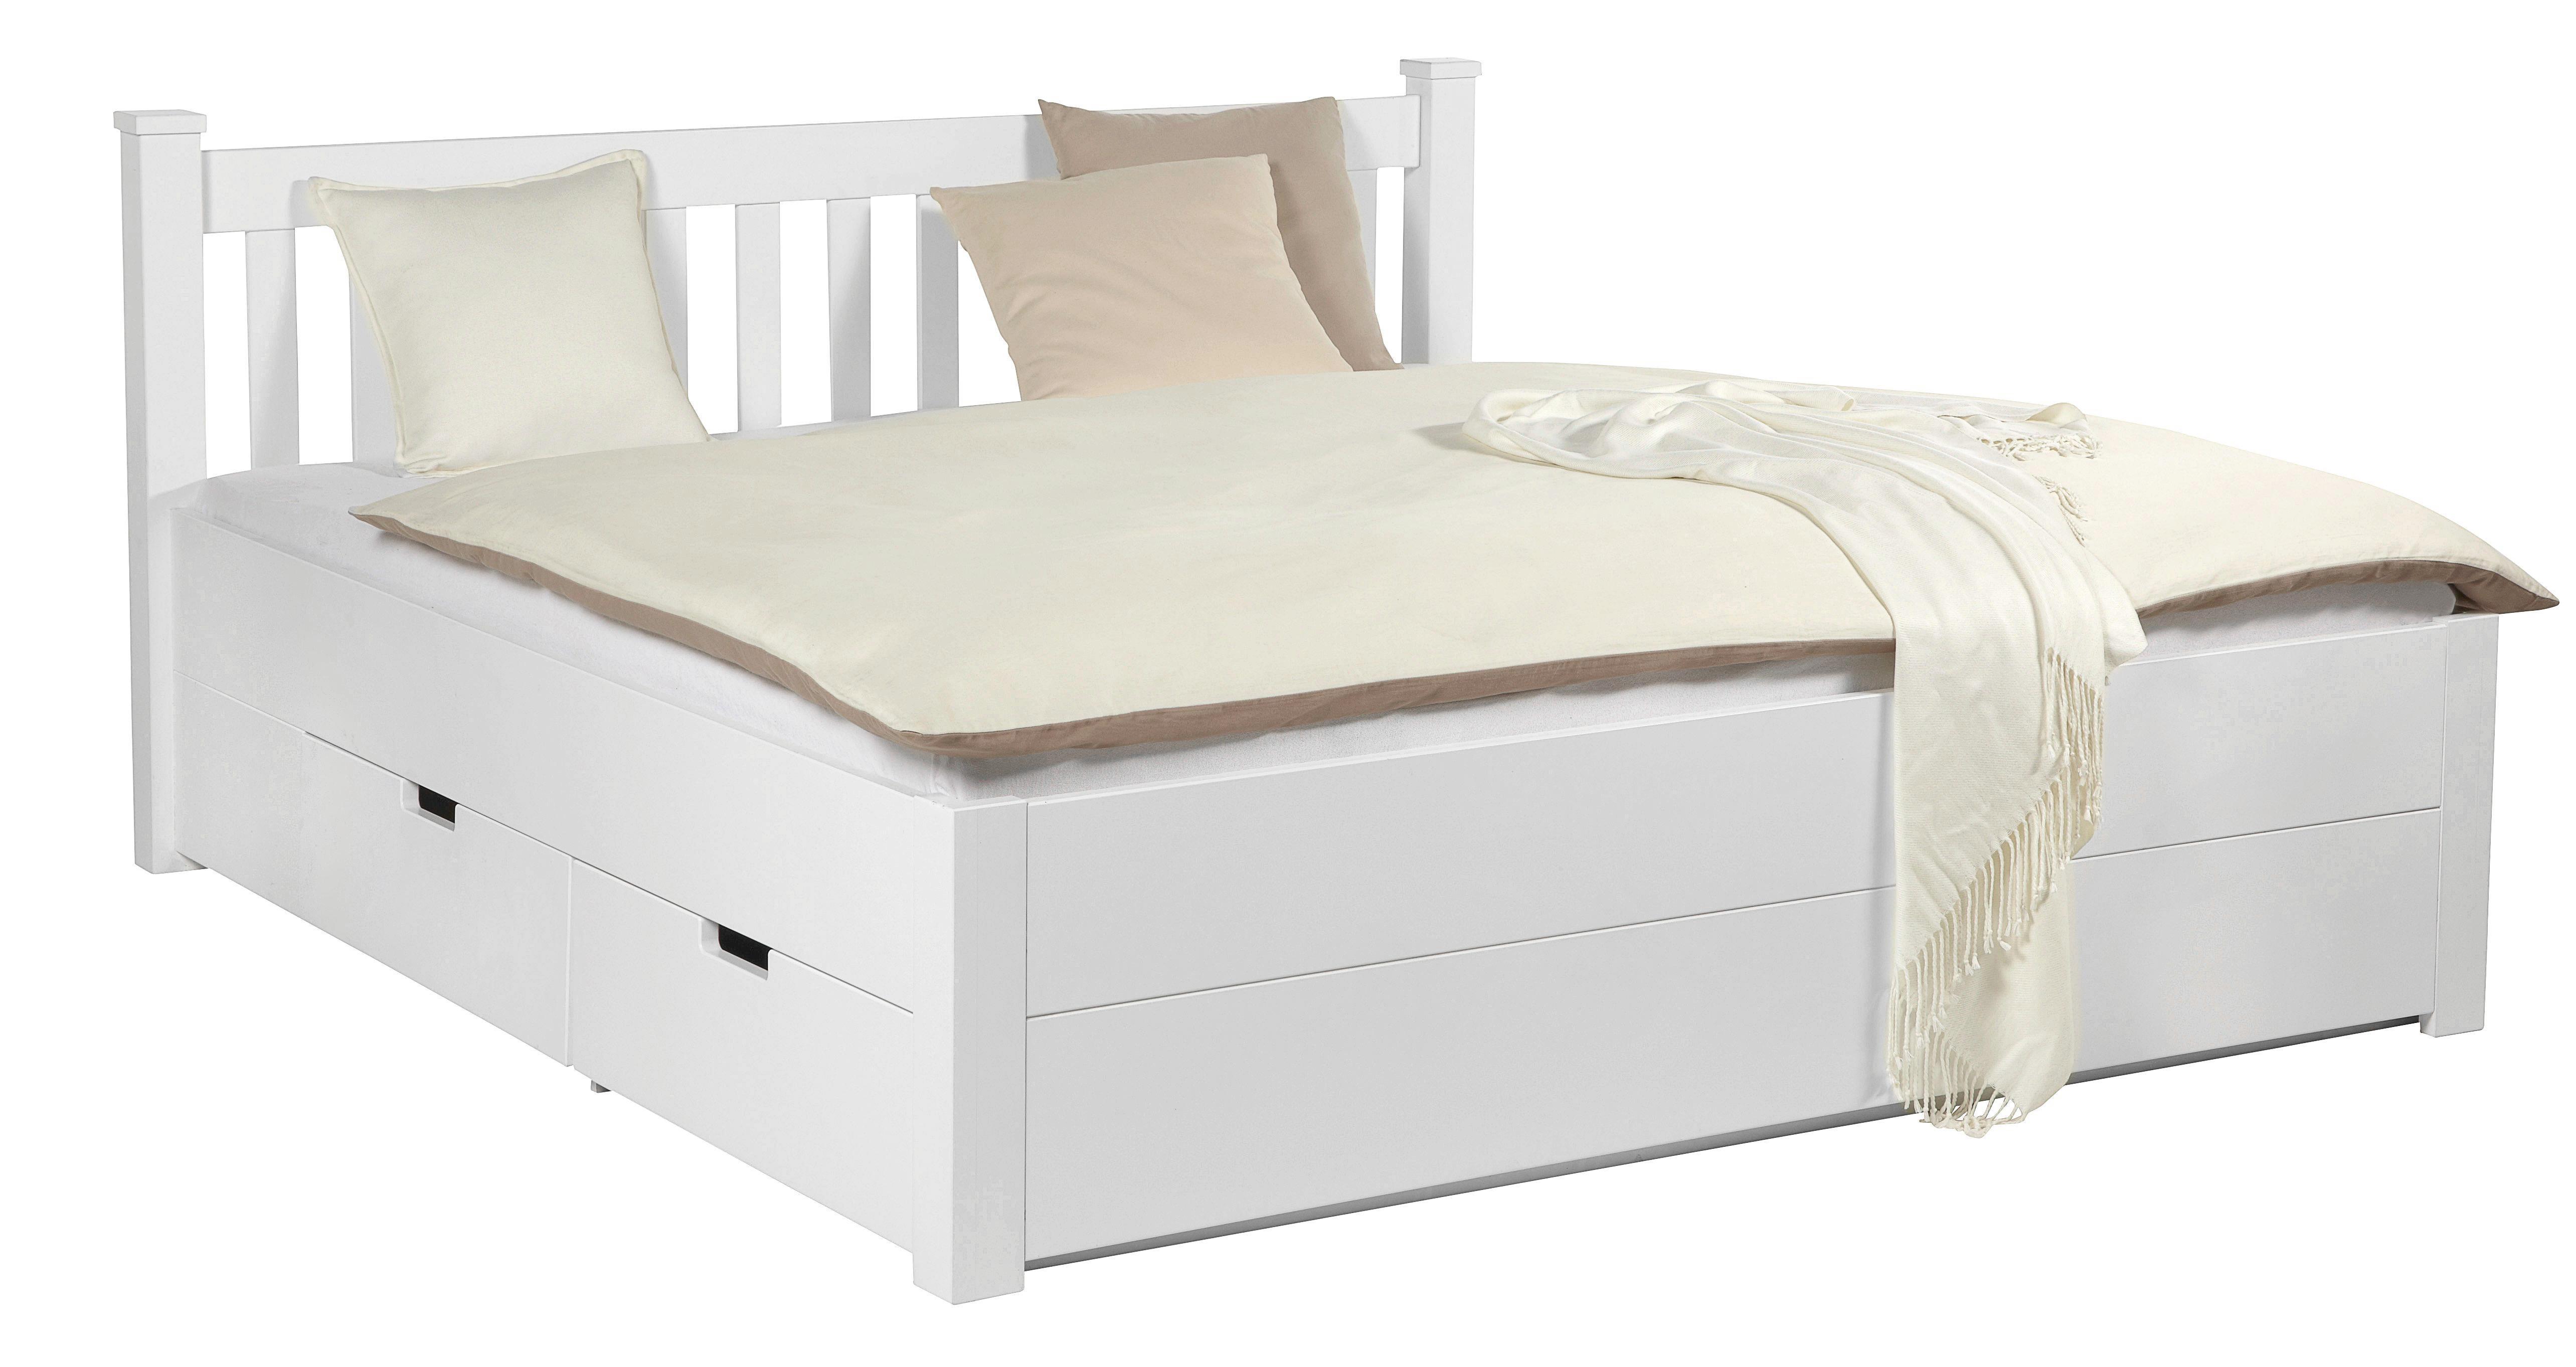 Bett in Weiß, ca. 180x200cm - Weiß, ROMANTIK / LANDHAUS, Holz/Holzwerkstoff (191/92/211cm) - ZANDIARA